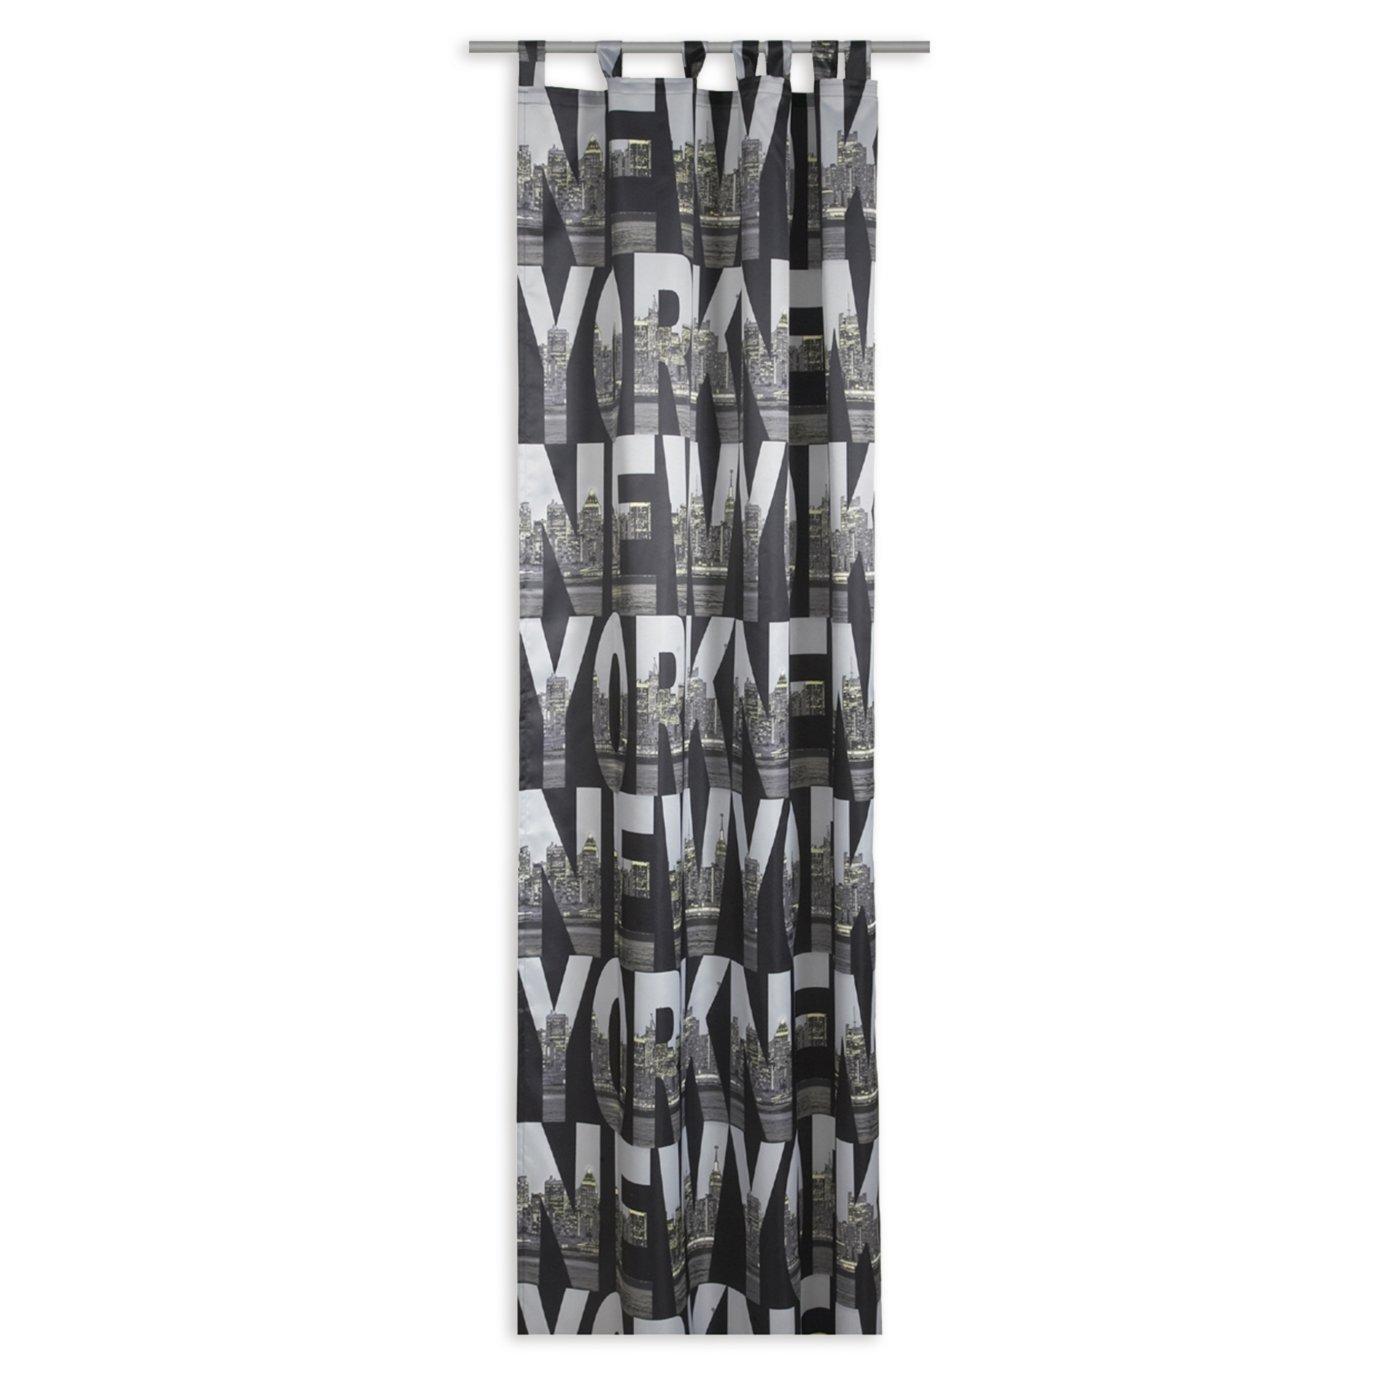 schlaufenschal new york schwarz wei 140x245 cm blickdichte gardinen vorh nge gardinen. Black Bedroom Furniture Sets. Home Design Ideas